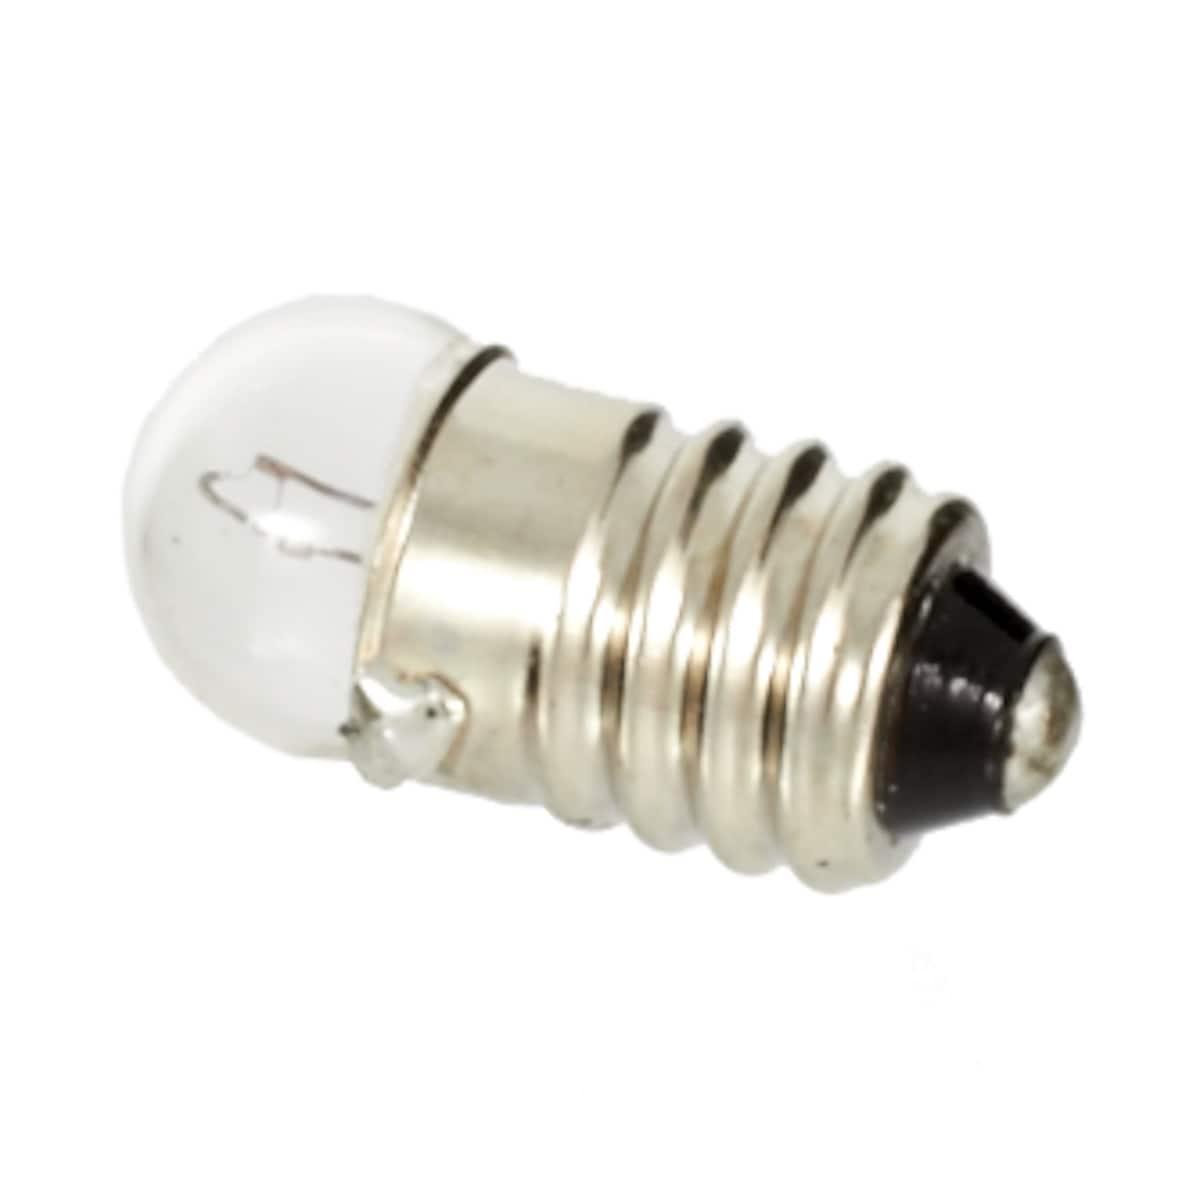 Glødelampe 4,8 V/0,5 A E10